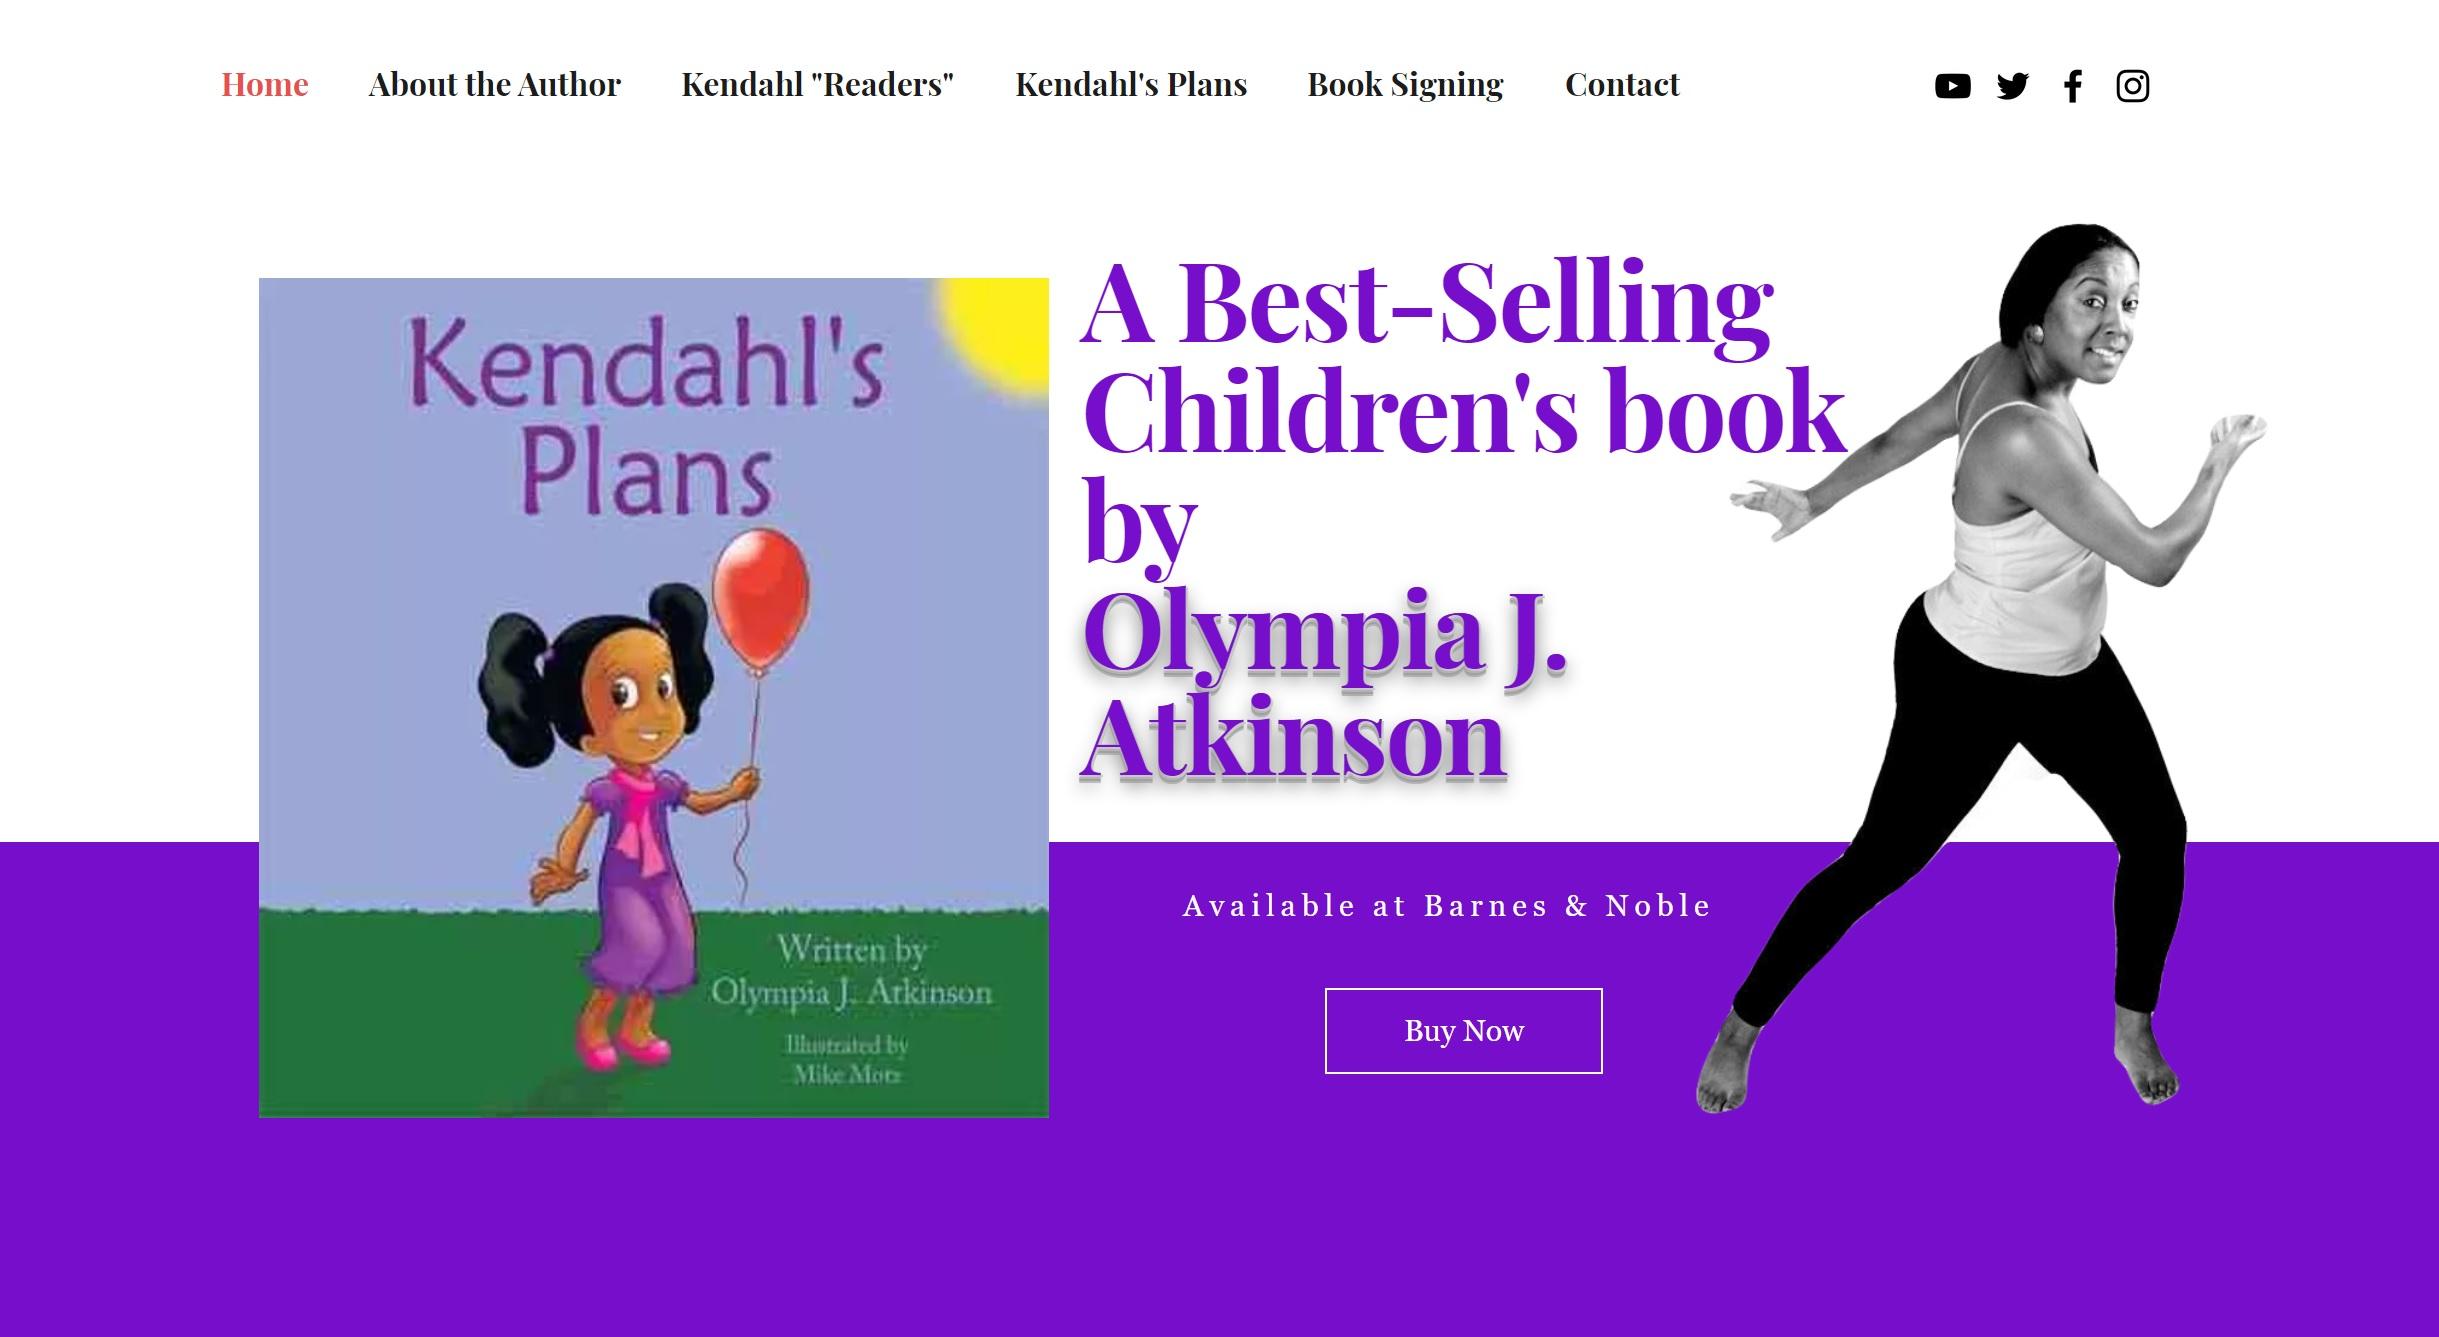 Author Olympia J Atkinson